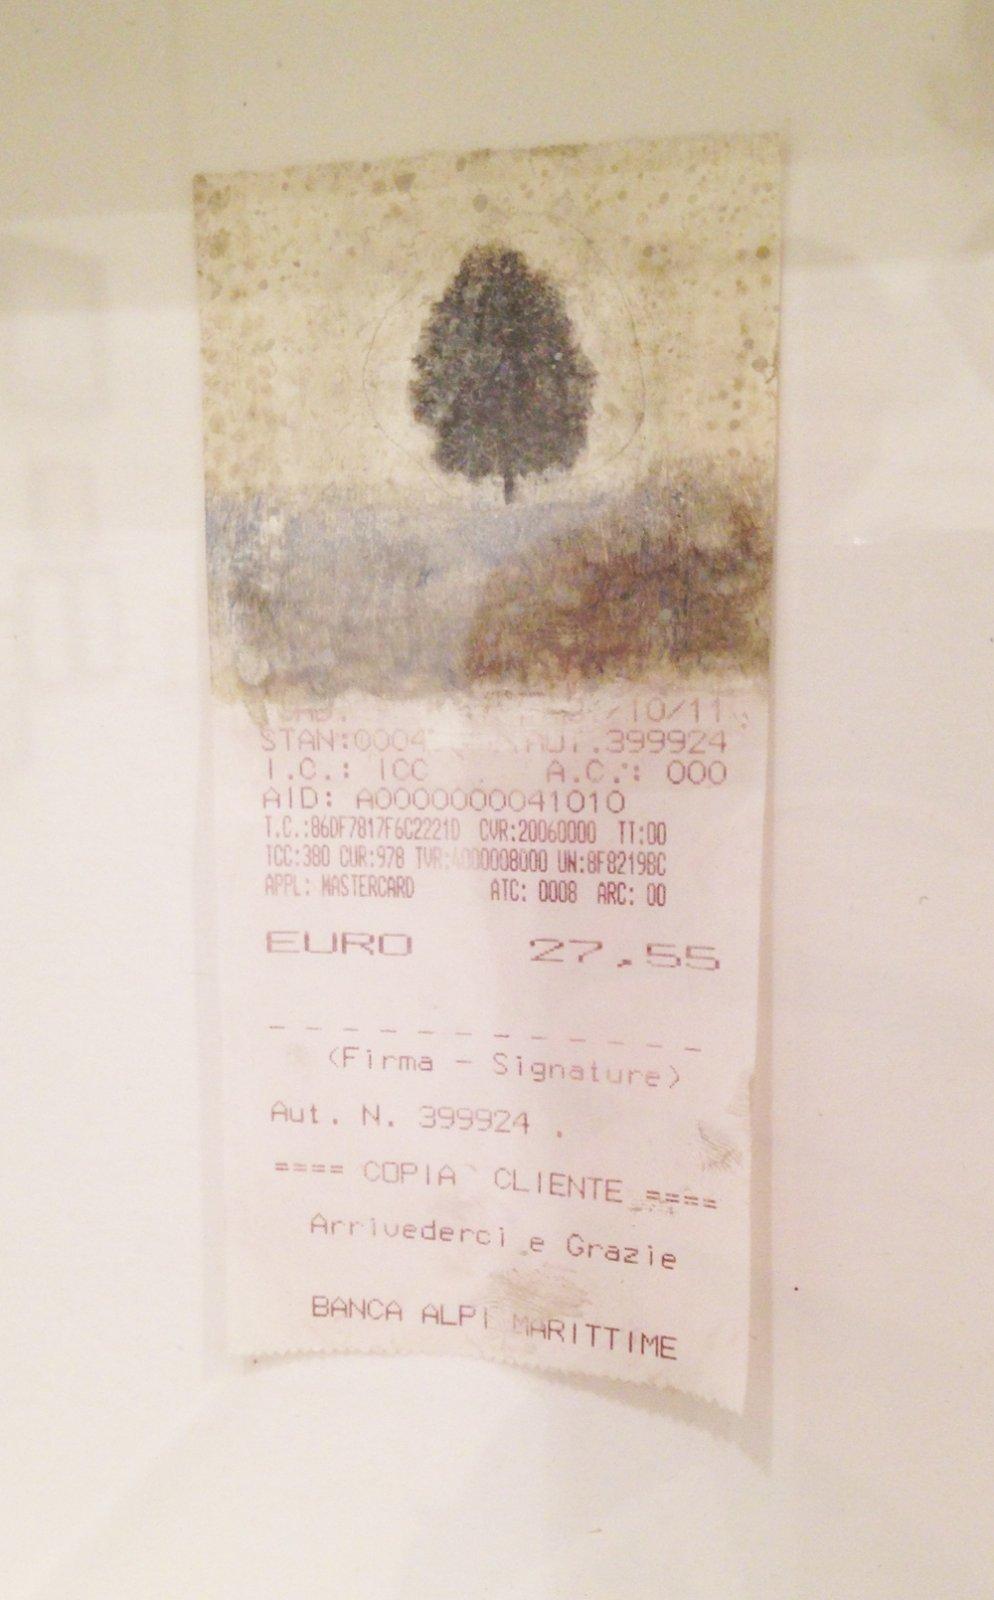 Los tickets de Enrico Tealdi en Drawing Room